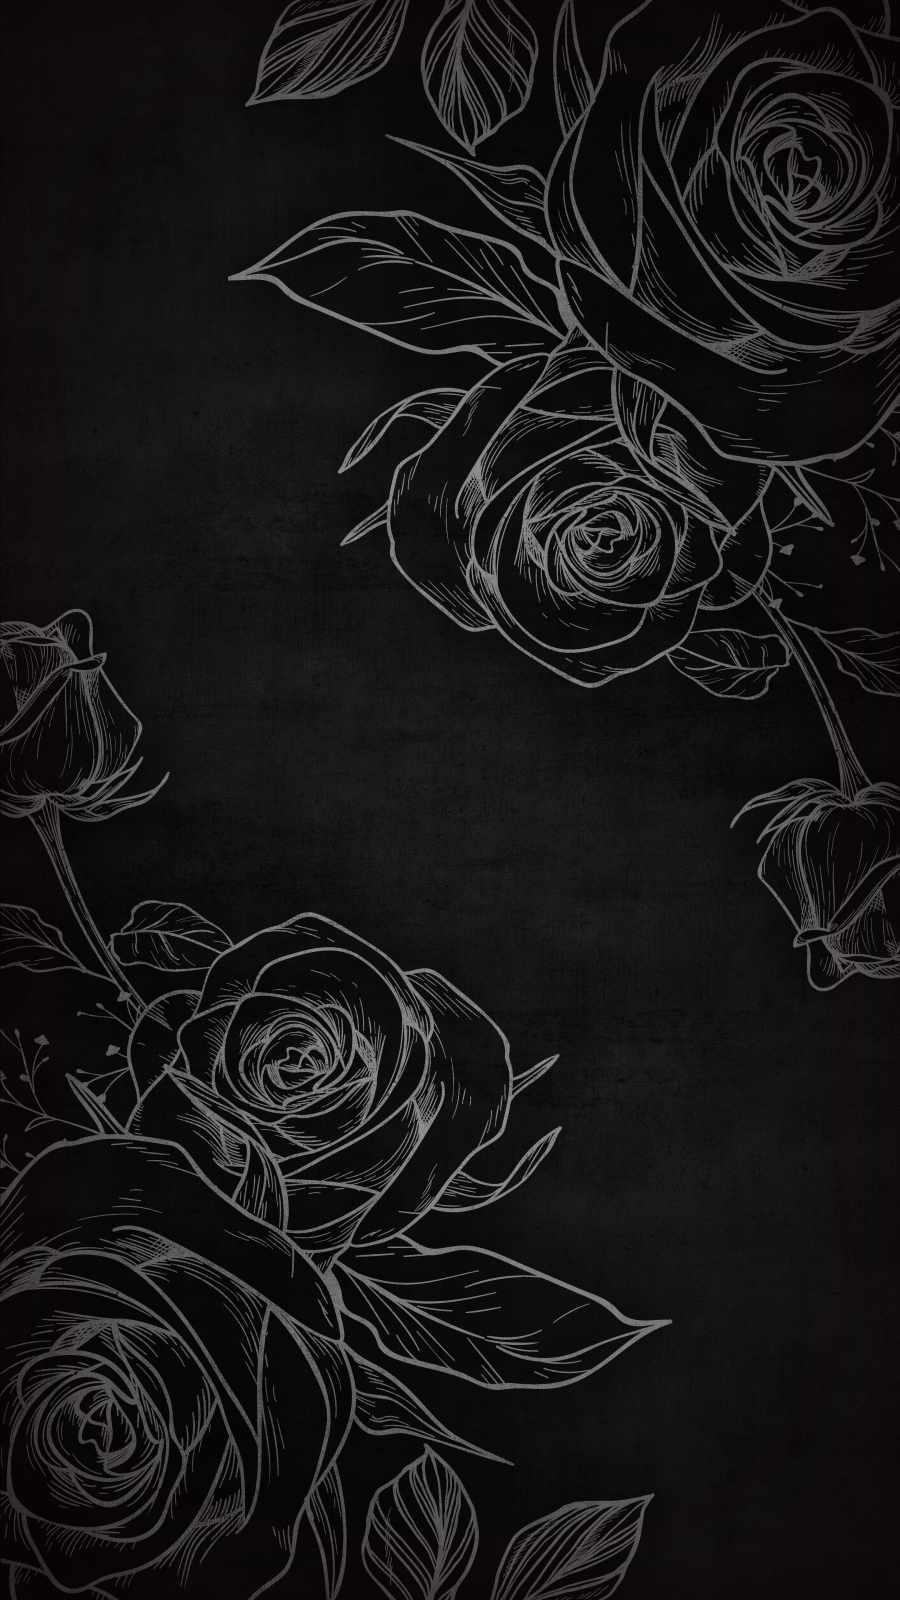 Black Rose Art iPhone Wallpaper